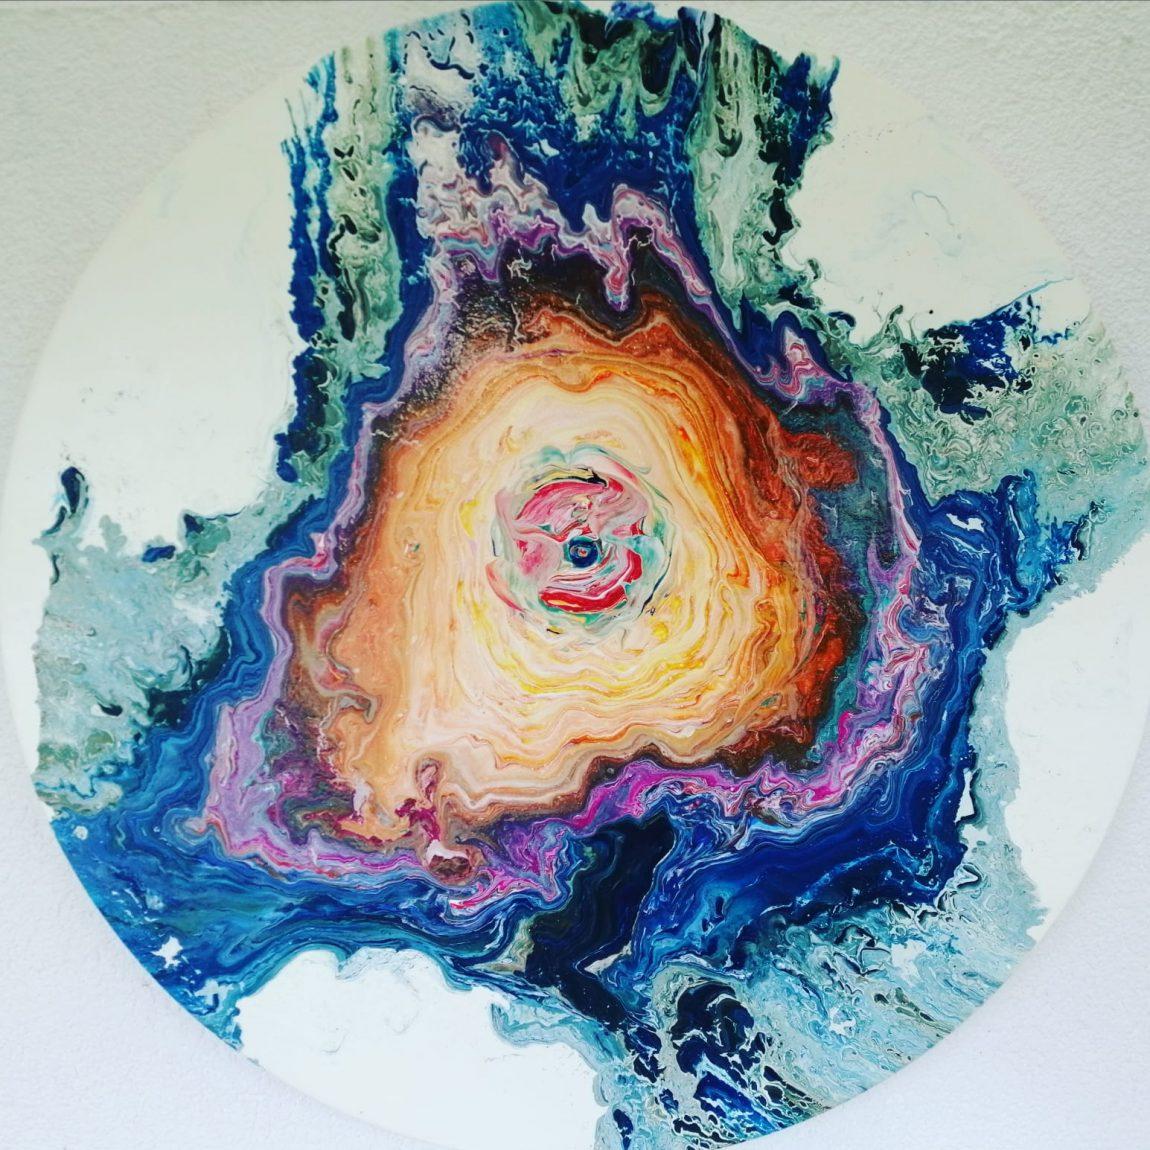 Sanatçı : Ayhan Bozdemir- - Eser Adı: Nazar-  Teknik: Akrilik - Ölçü: çap: 80 cm  - Fiyat : 2.655 TL